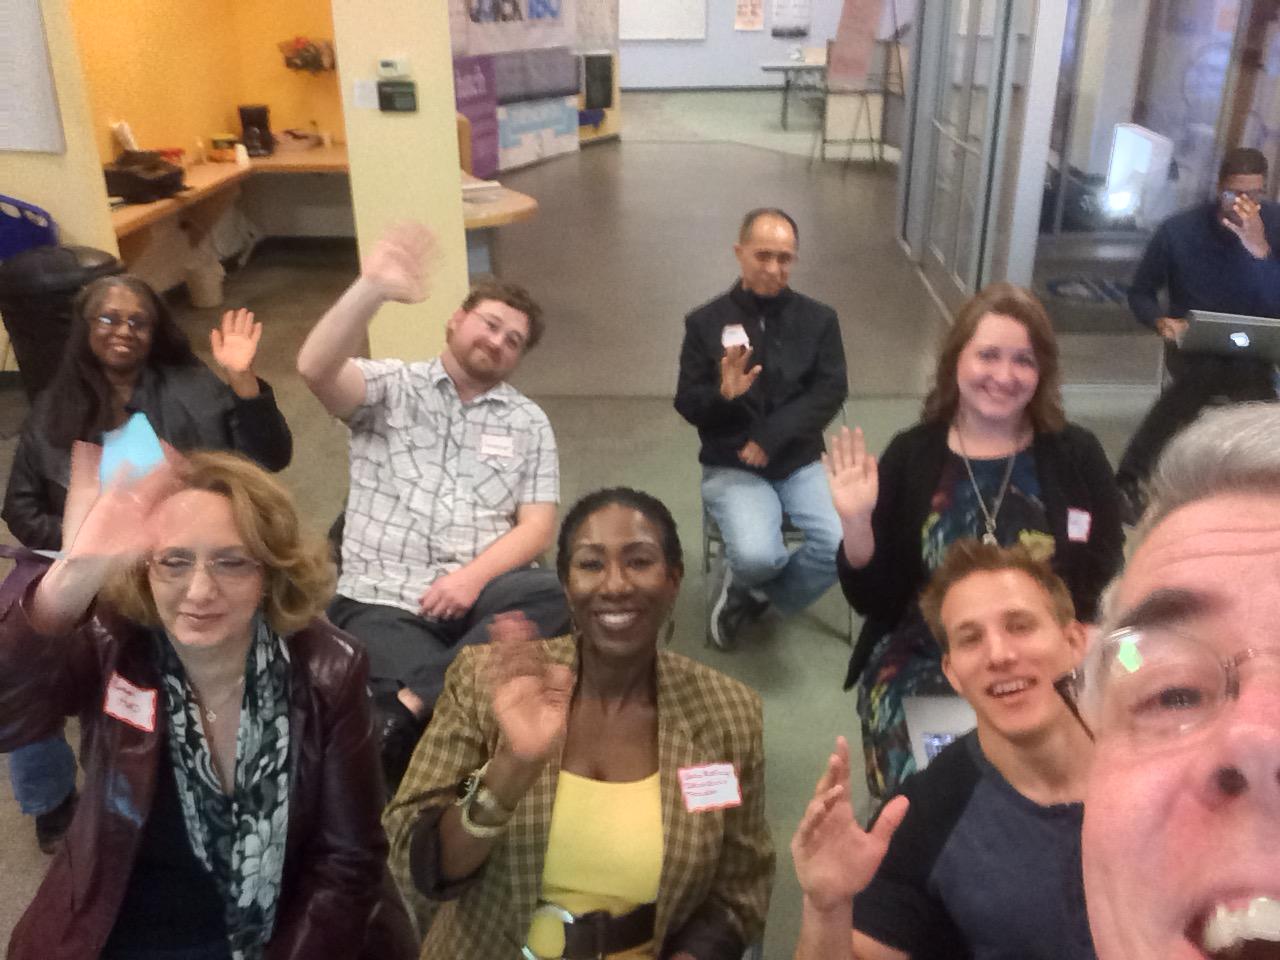 4-9-15-group_selfie